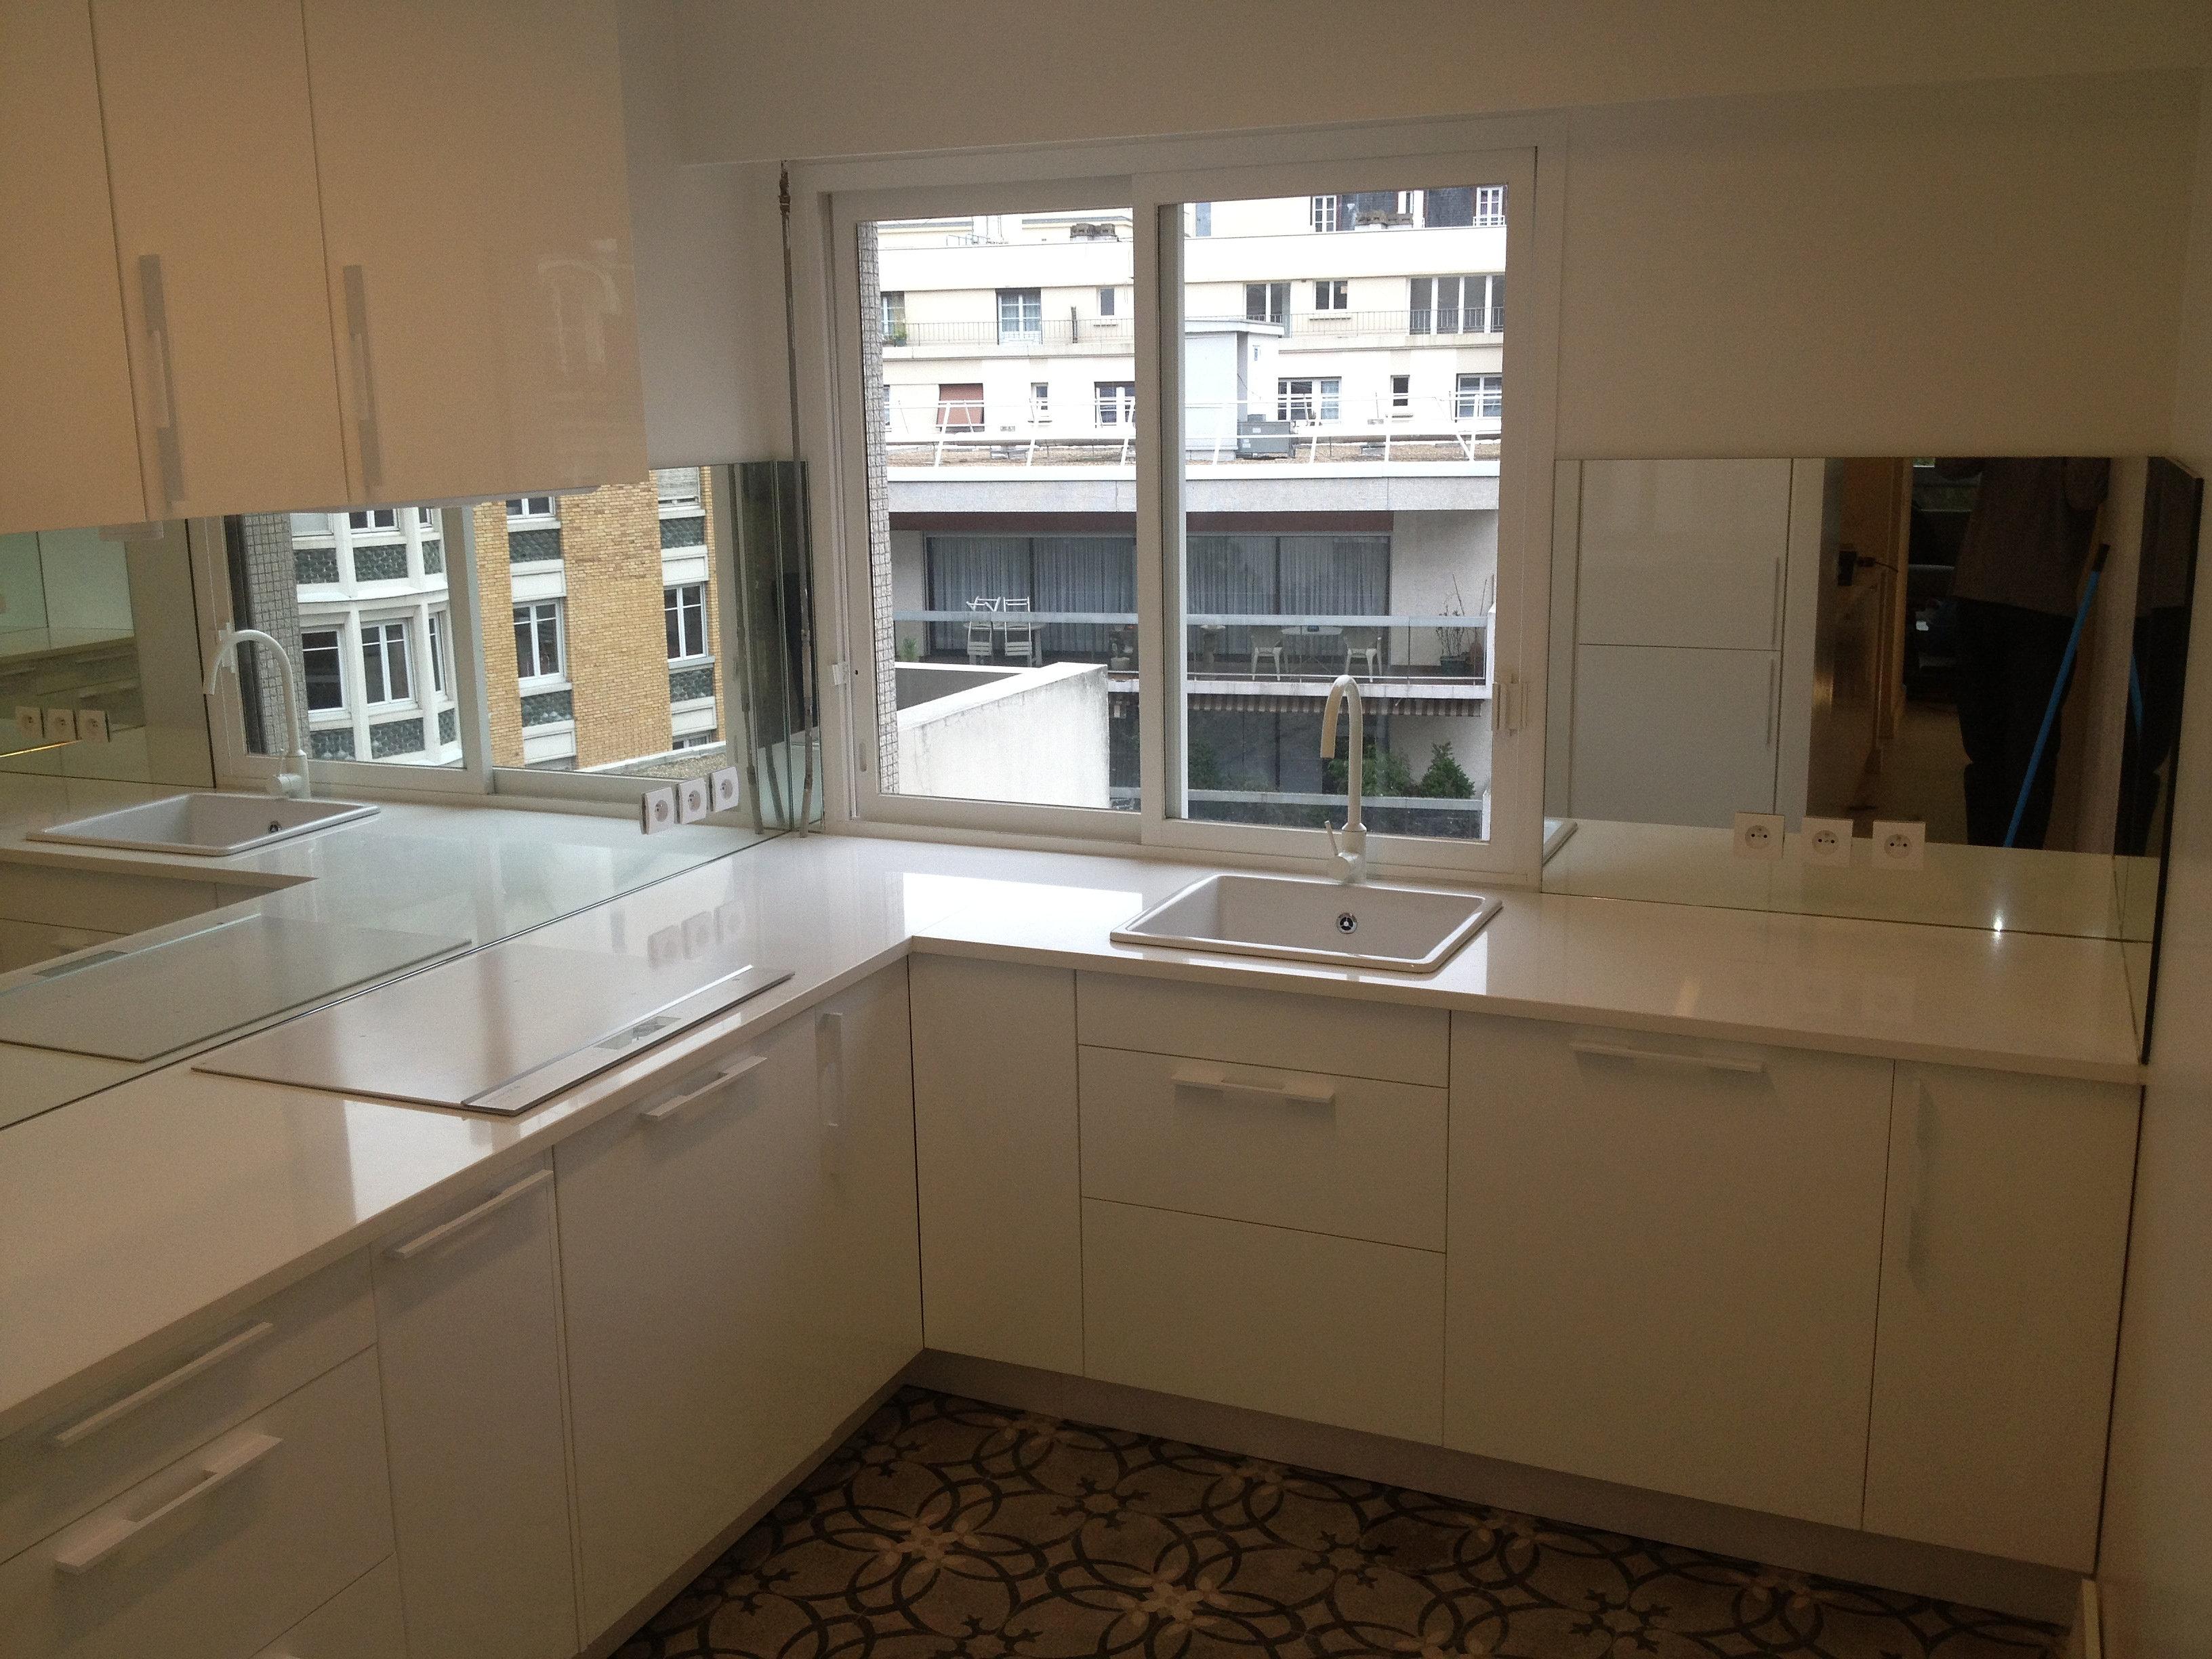 plan de travail granit quartz table en mabre paris essonne plan de travail cuisine. Black Bedroom Furniture Sets. Home Design Ideas